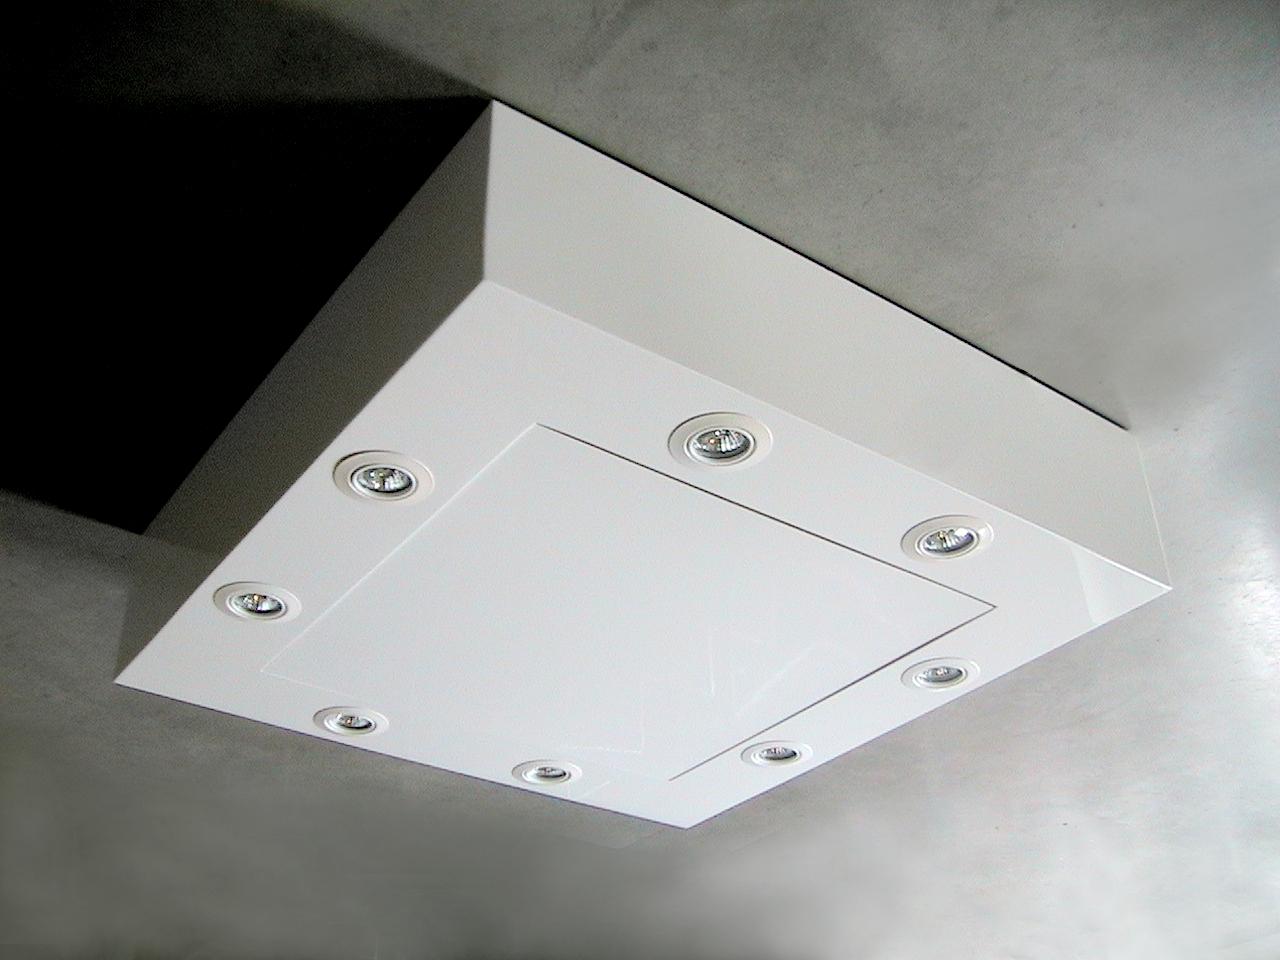 rangement d 39 un videoprojecteur page 3 29926608. Black Bedroom Furniture Sets. Home Design Ideas